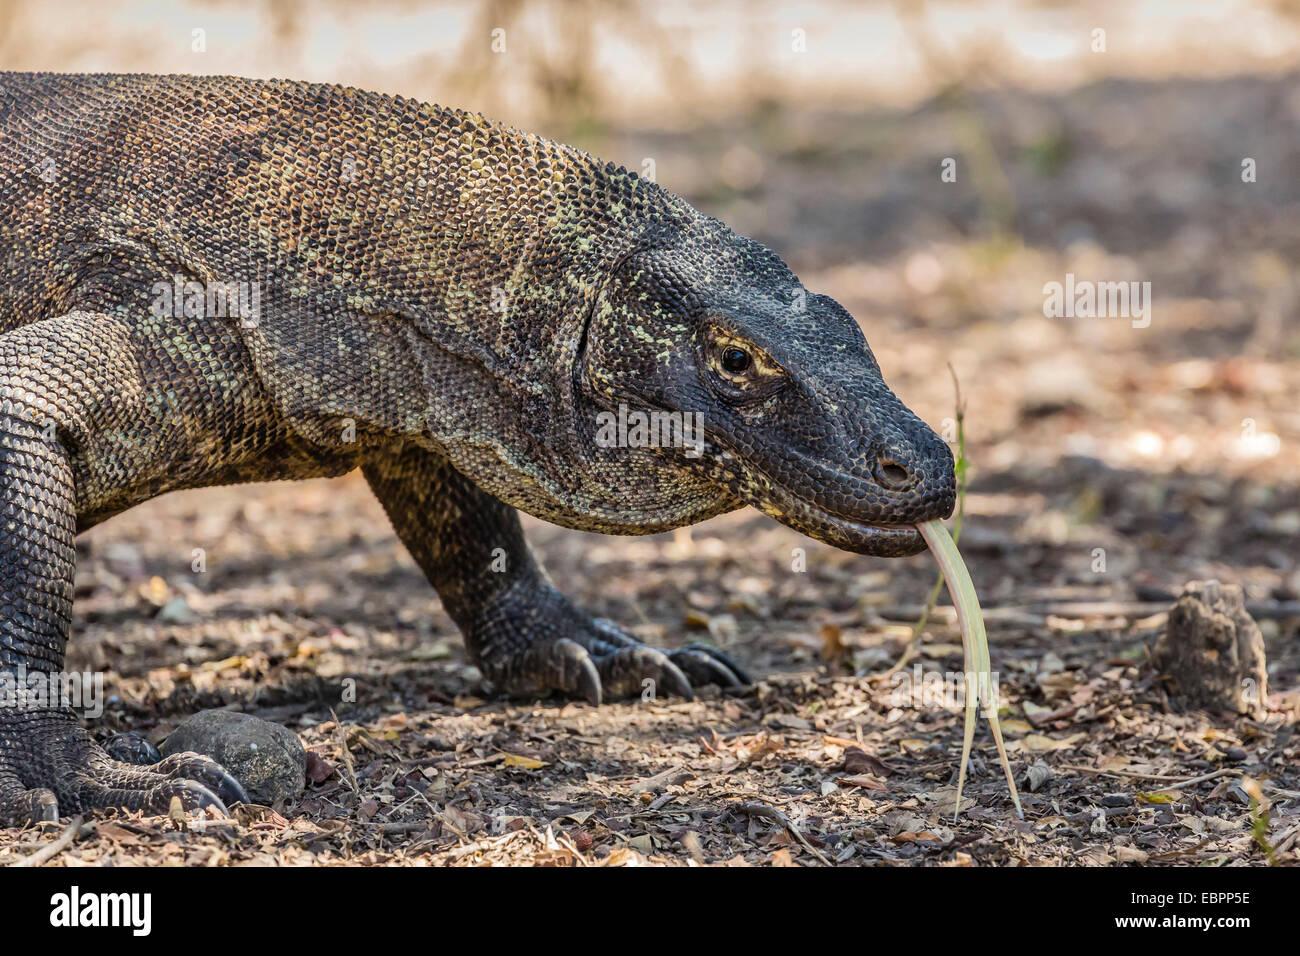 Adult Komodo dragon (Varanus komodoensis), in Komodo National Park, Komodo Island, Indonesia, Southeast Asia, Asia - Stock Image